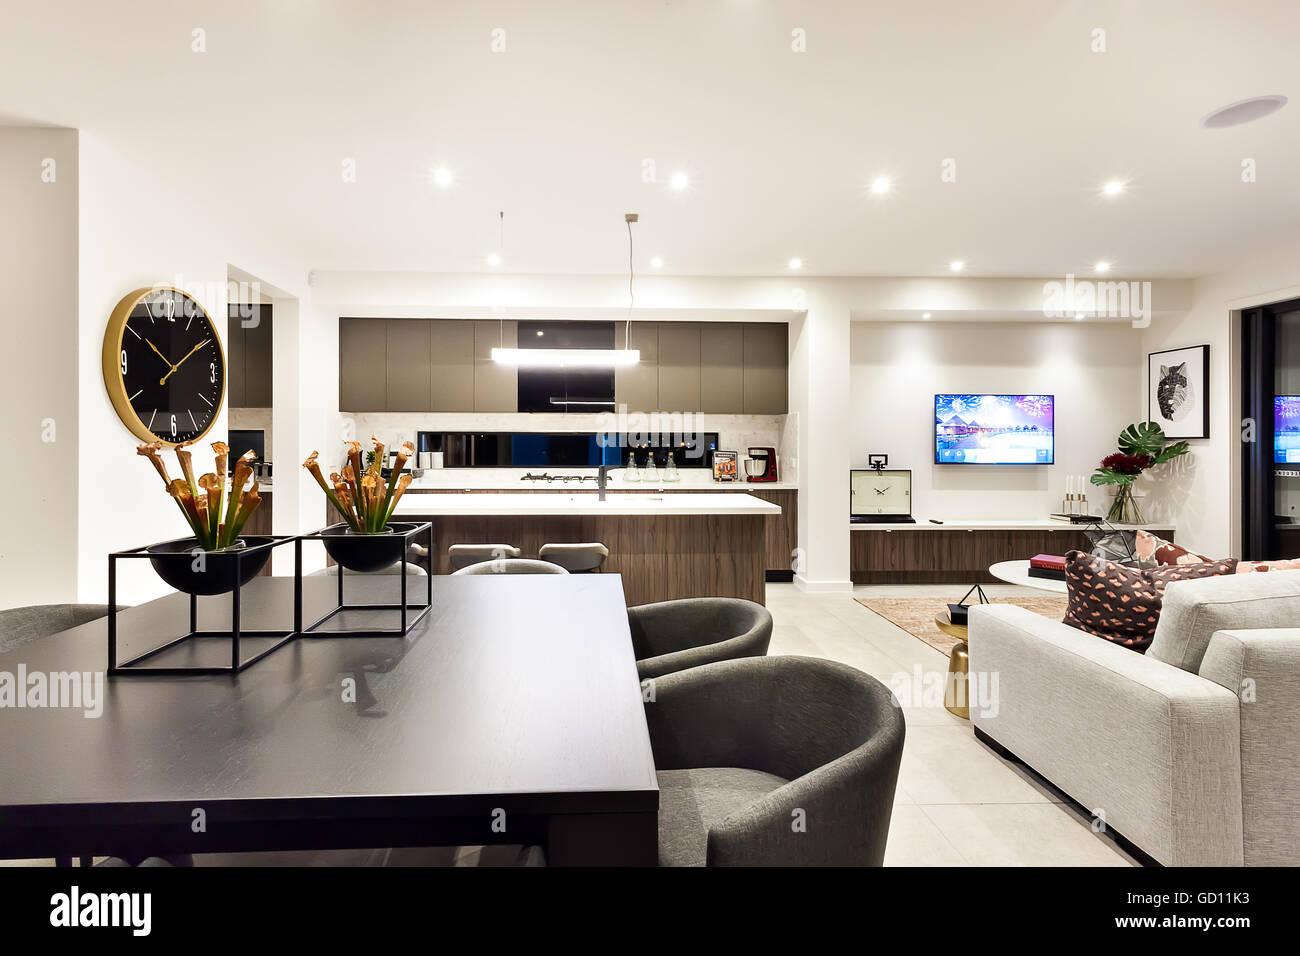 Modernes Wohnzimmer mit einem Fernseher neben Essen und Küche ...